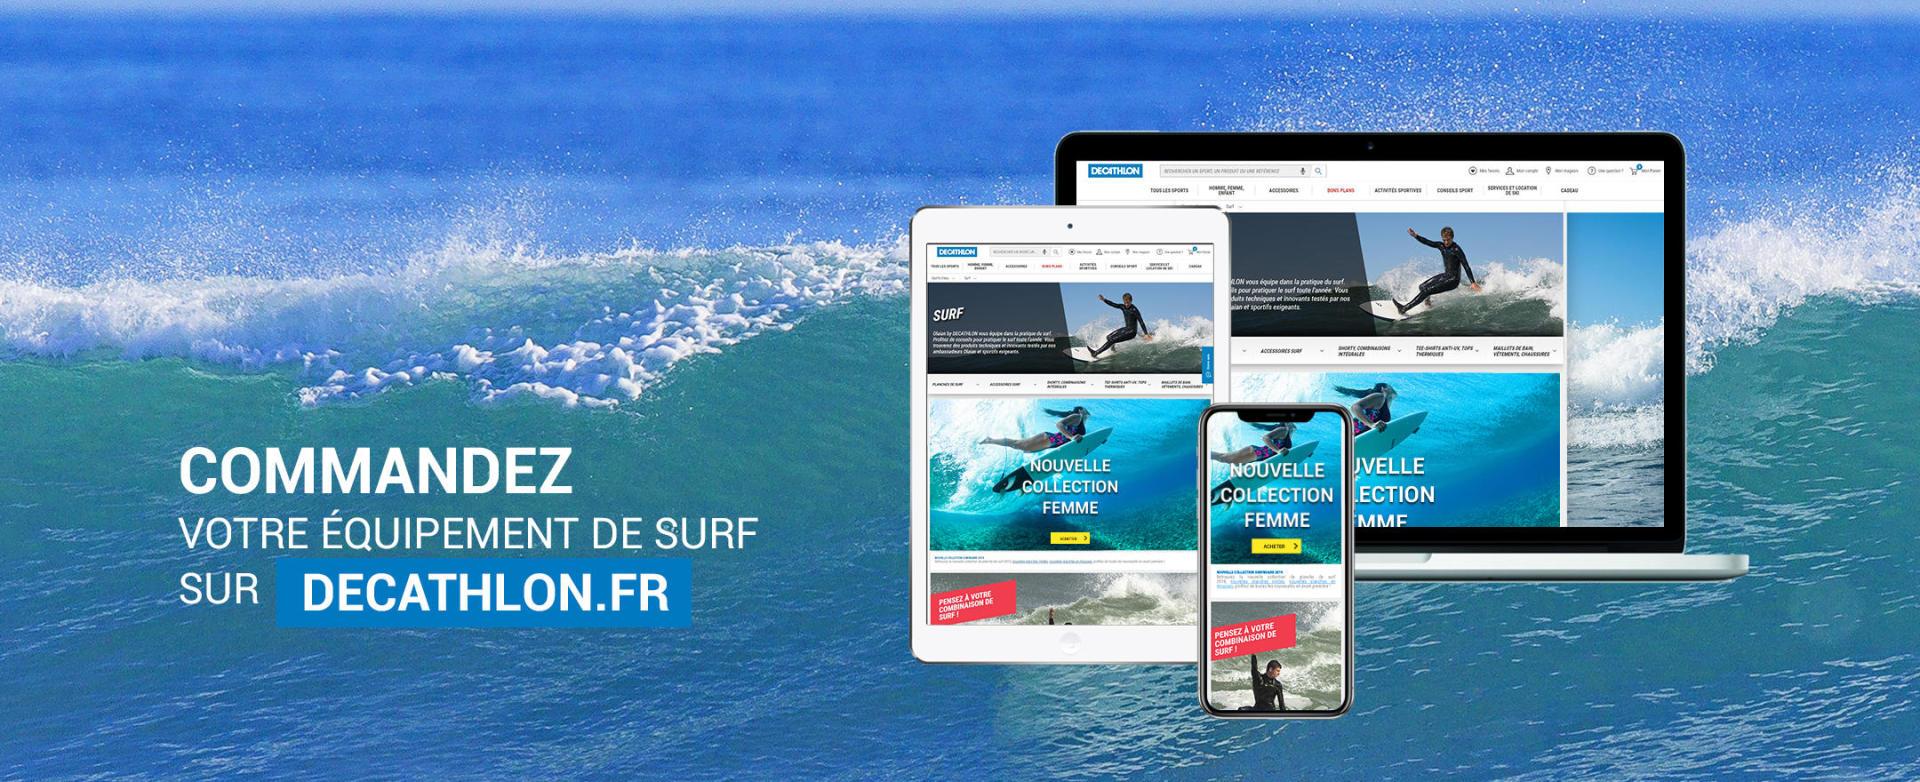 Equipement de surf sur Decathlon.fr